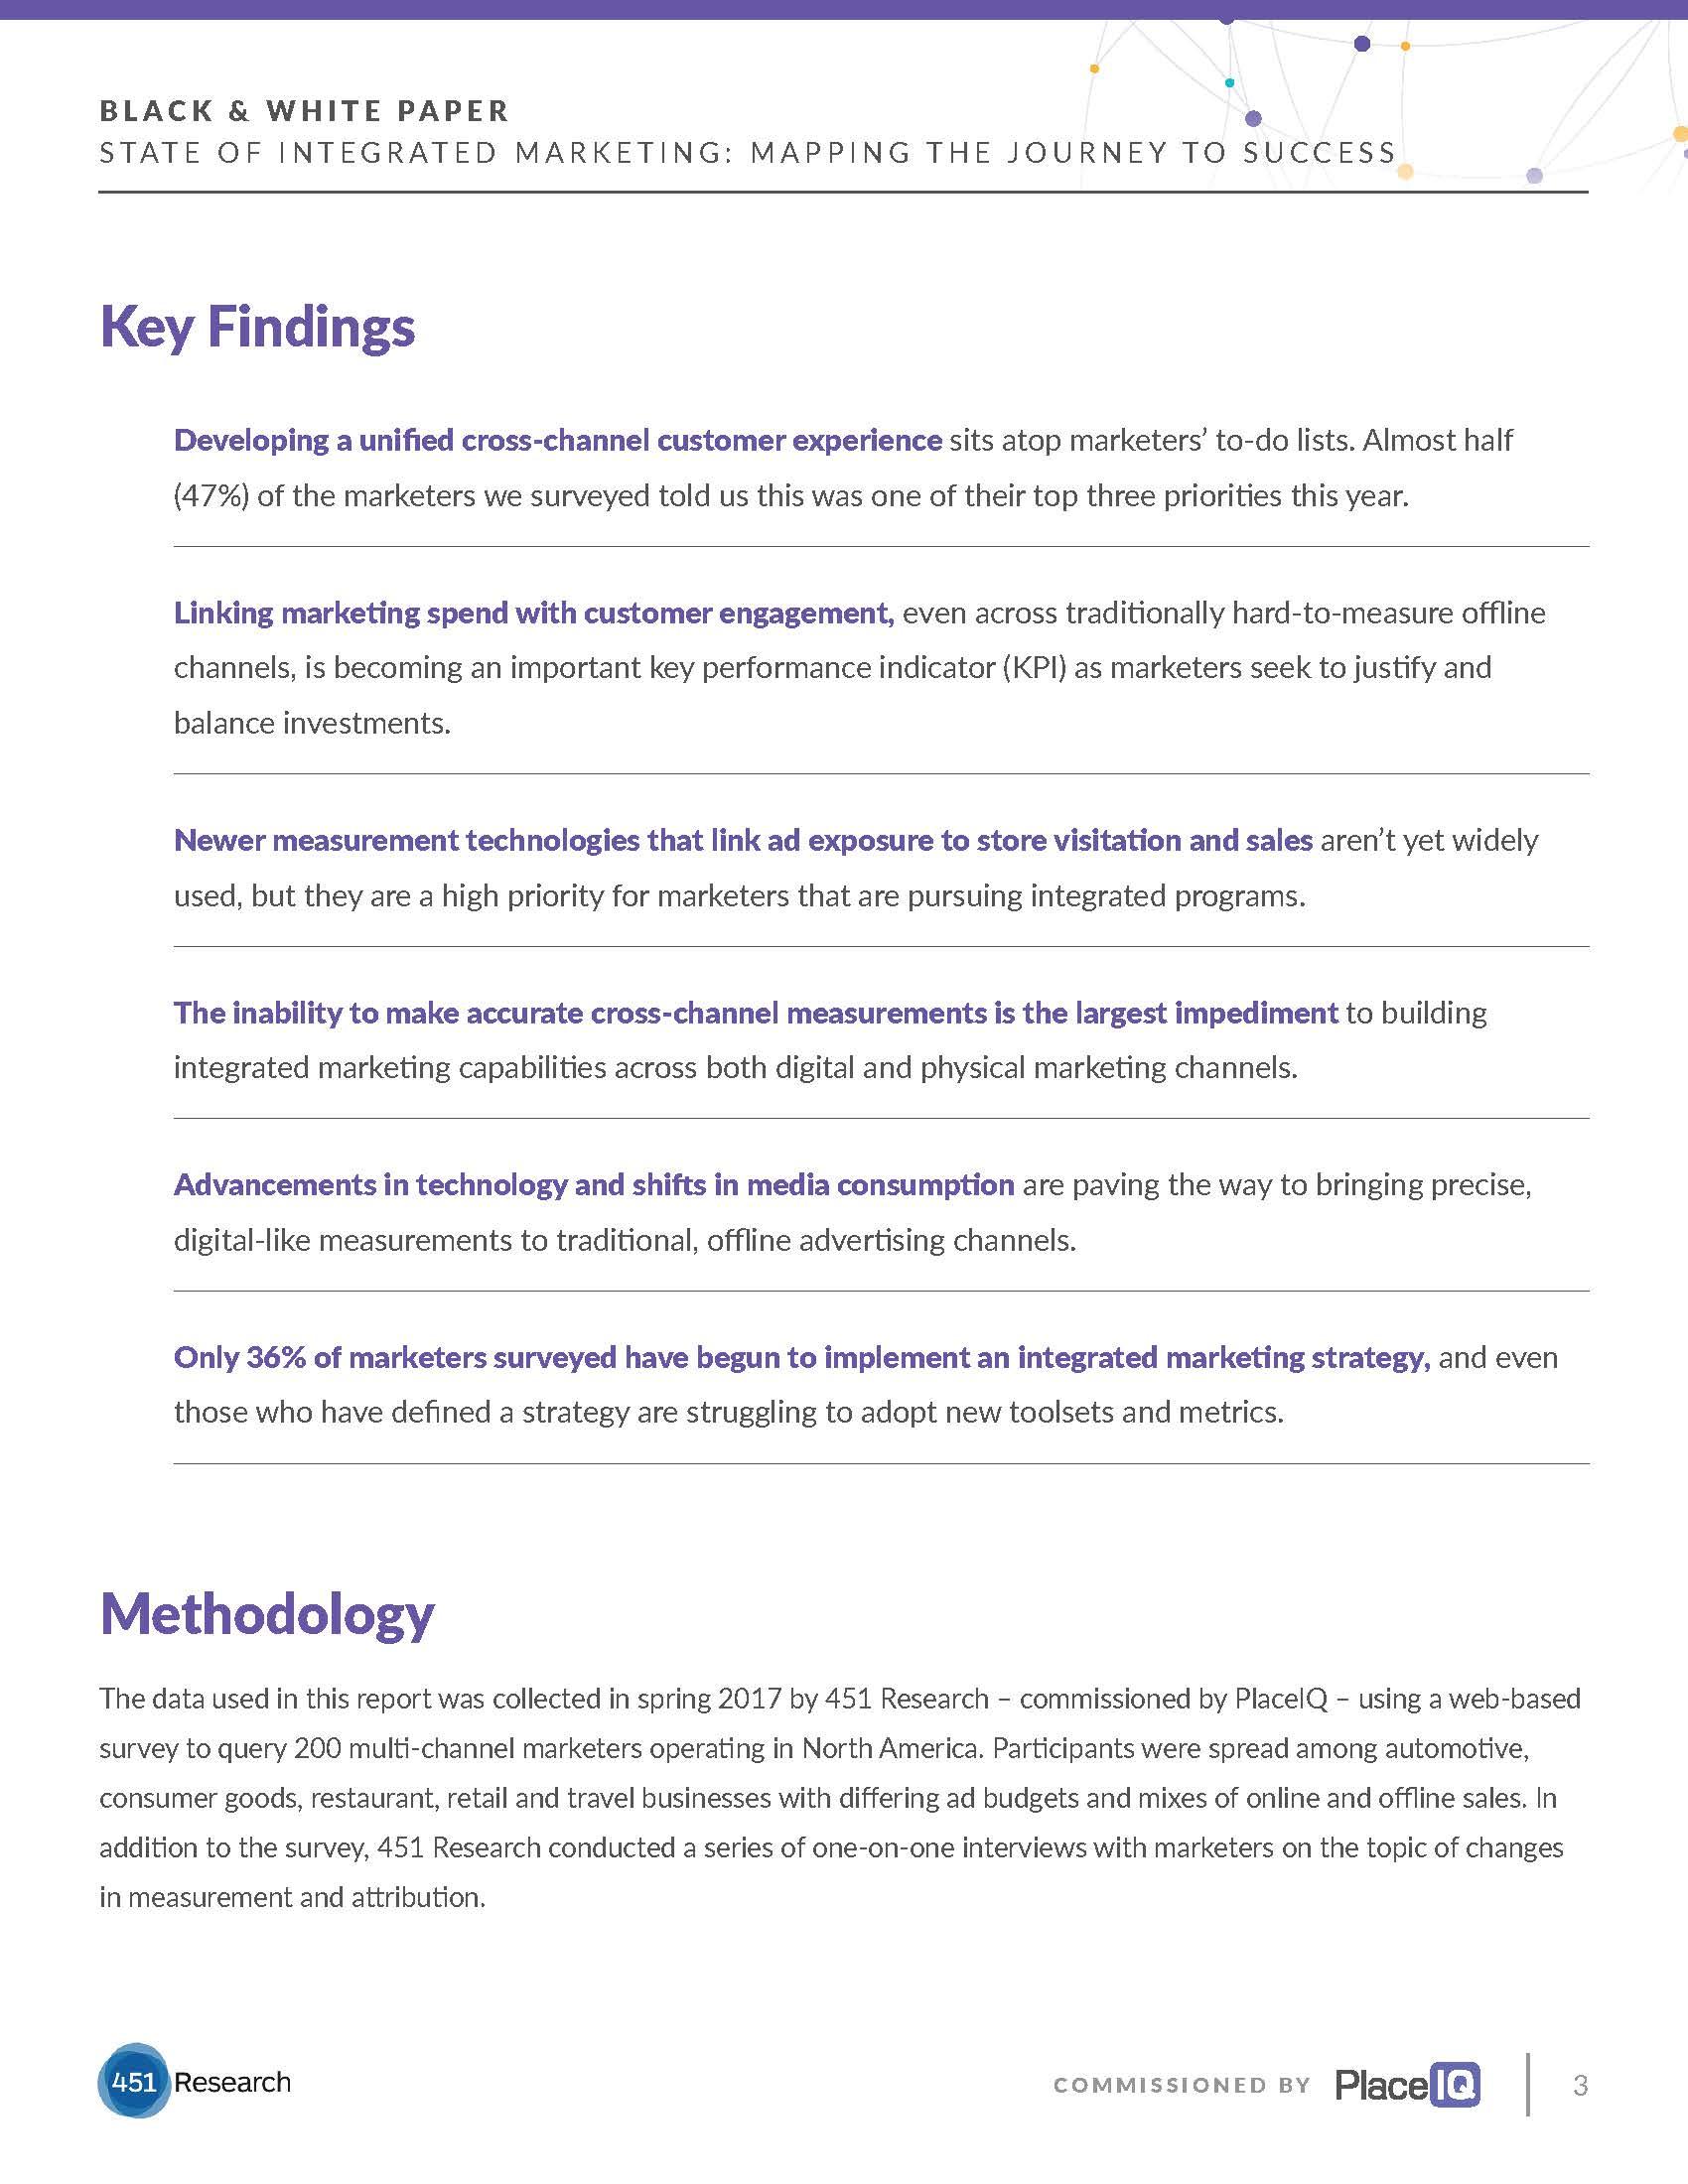 Key Findings and Methodology